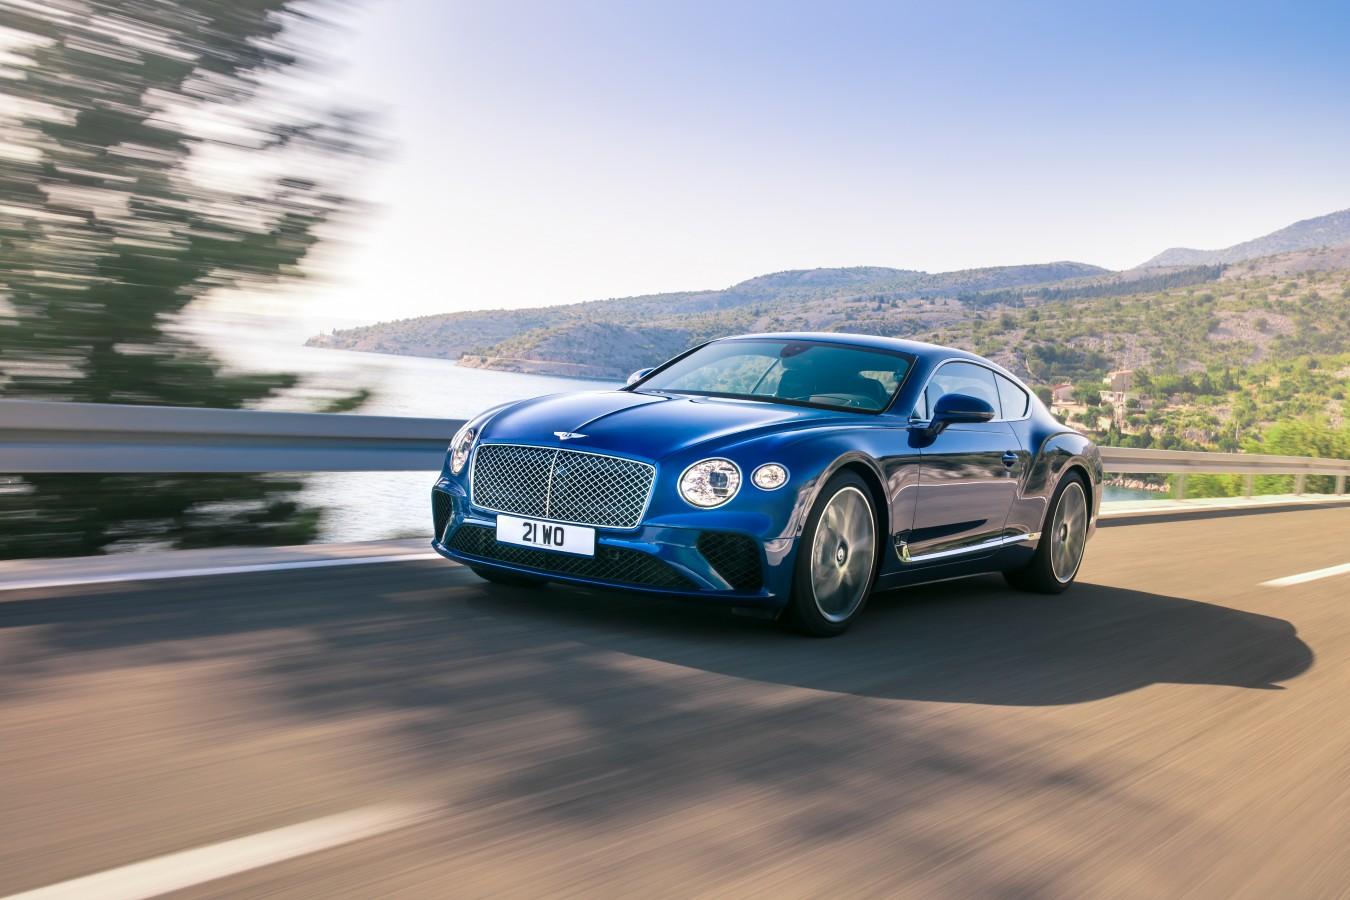 АБСОЛЮТНО НОВЫЙ BENTLEY CONTINENTAL GT В ШОУ-РУМЕ BENTLEY МОСКВА - изображение New-Continental-GT-1 на Bentleymoscow.ru!